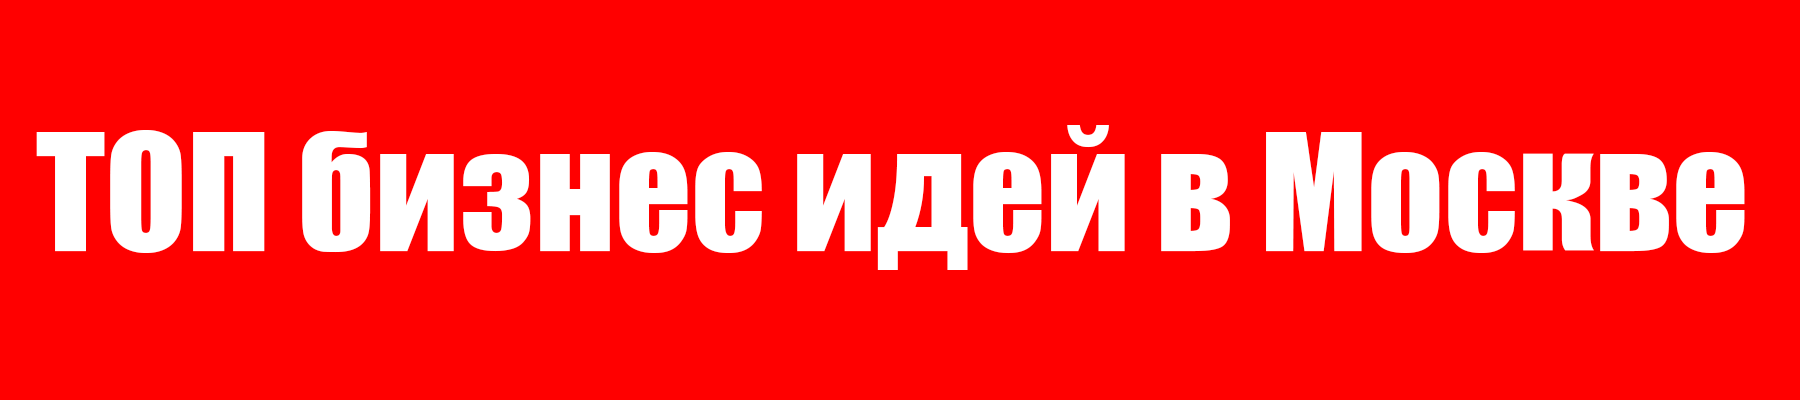 Топ актуальных и новых бизнес идей в москве